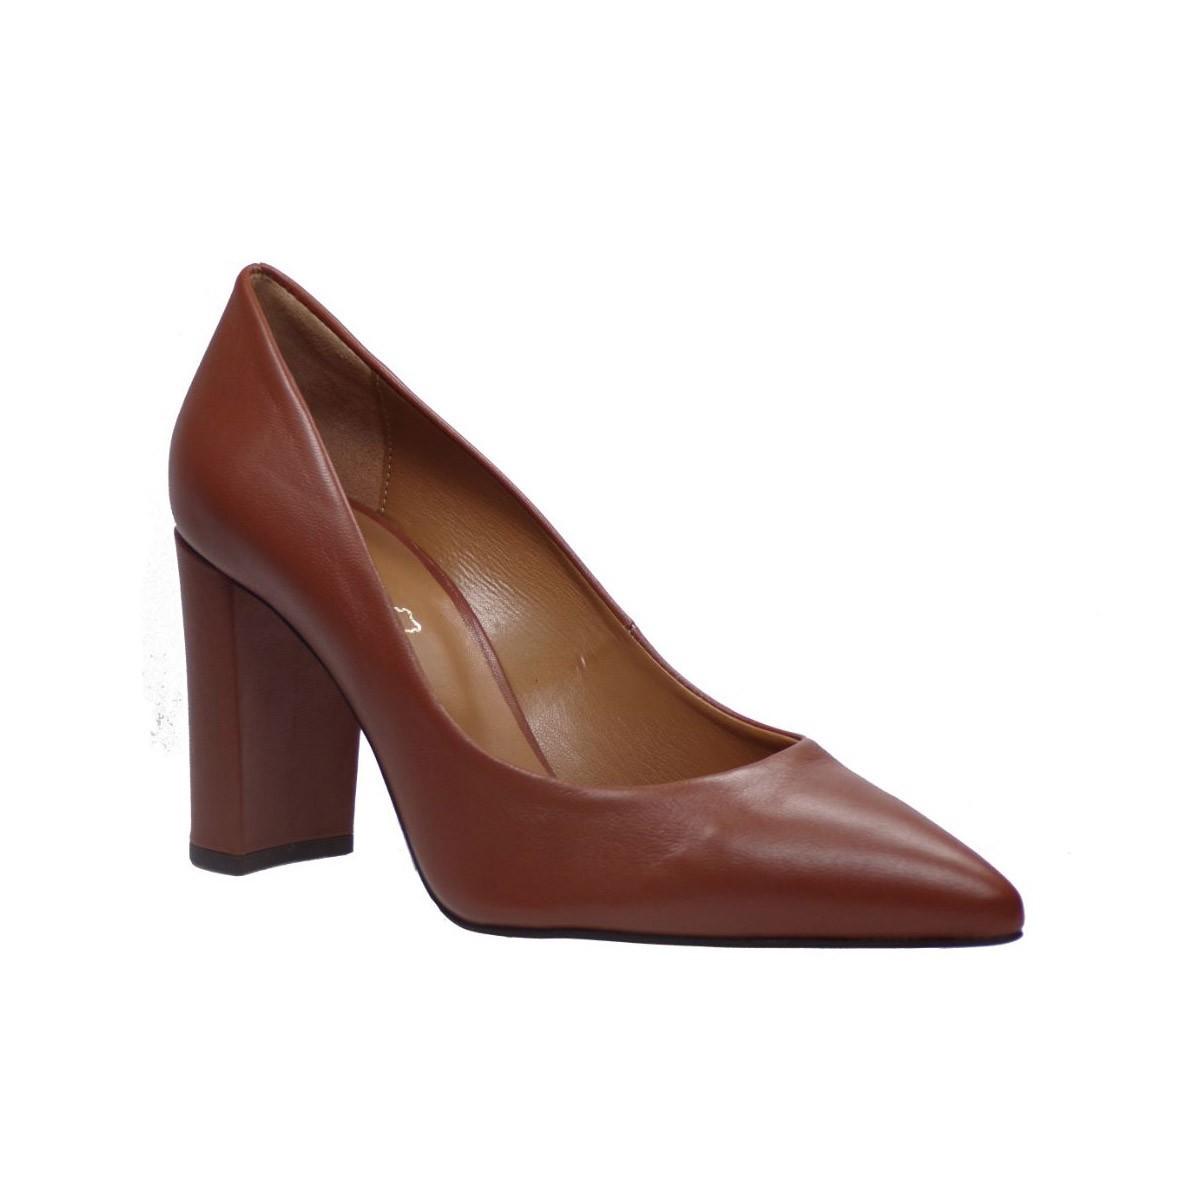 BagiotaShoes Fardoulis Shoes Γυναικεία Παπούτσια Γόβες 2251 Ταμπά Fardoulis  Shoes 2251 Tαμπά ca5ad03e8cd